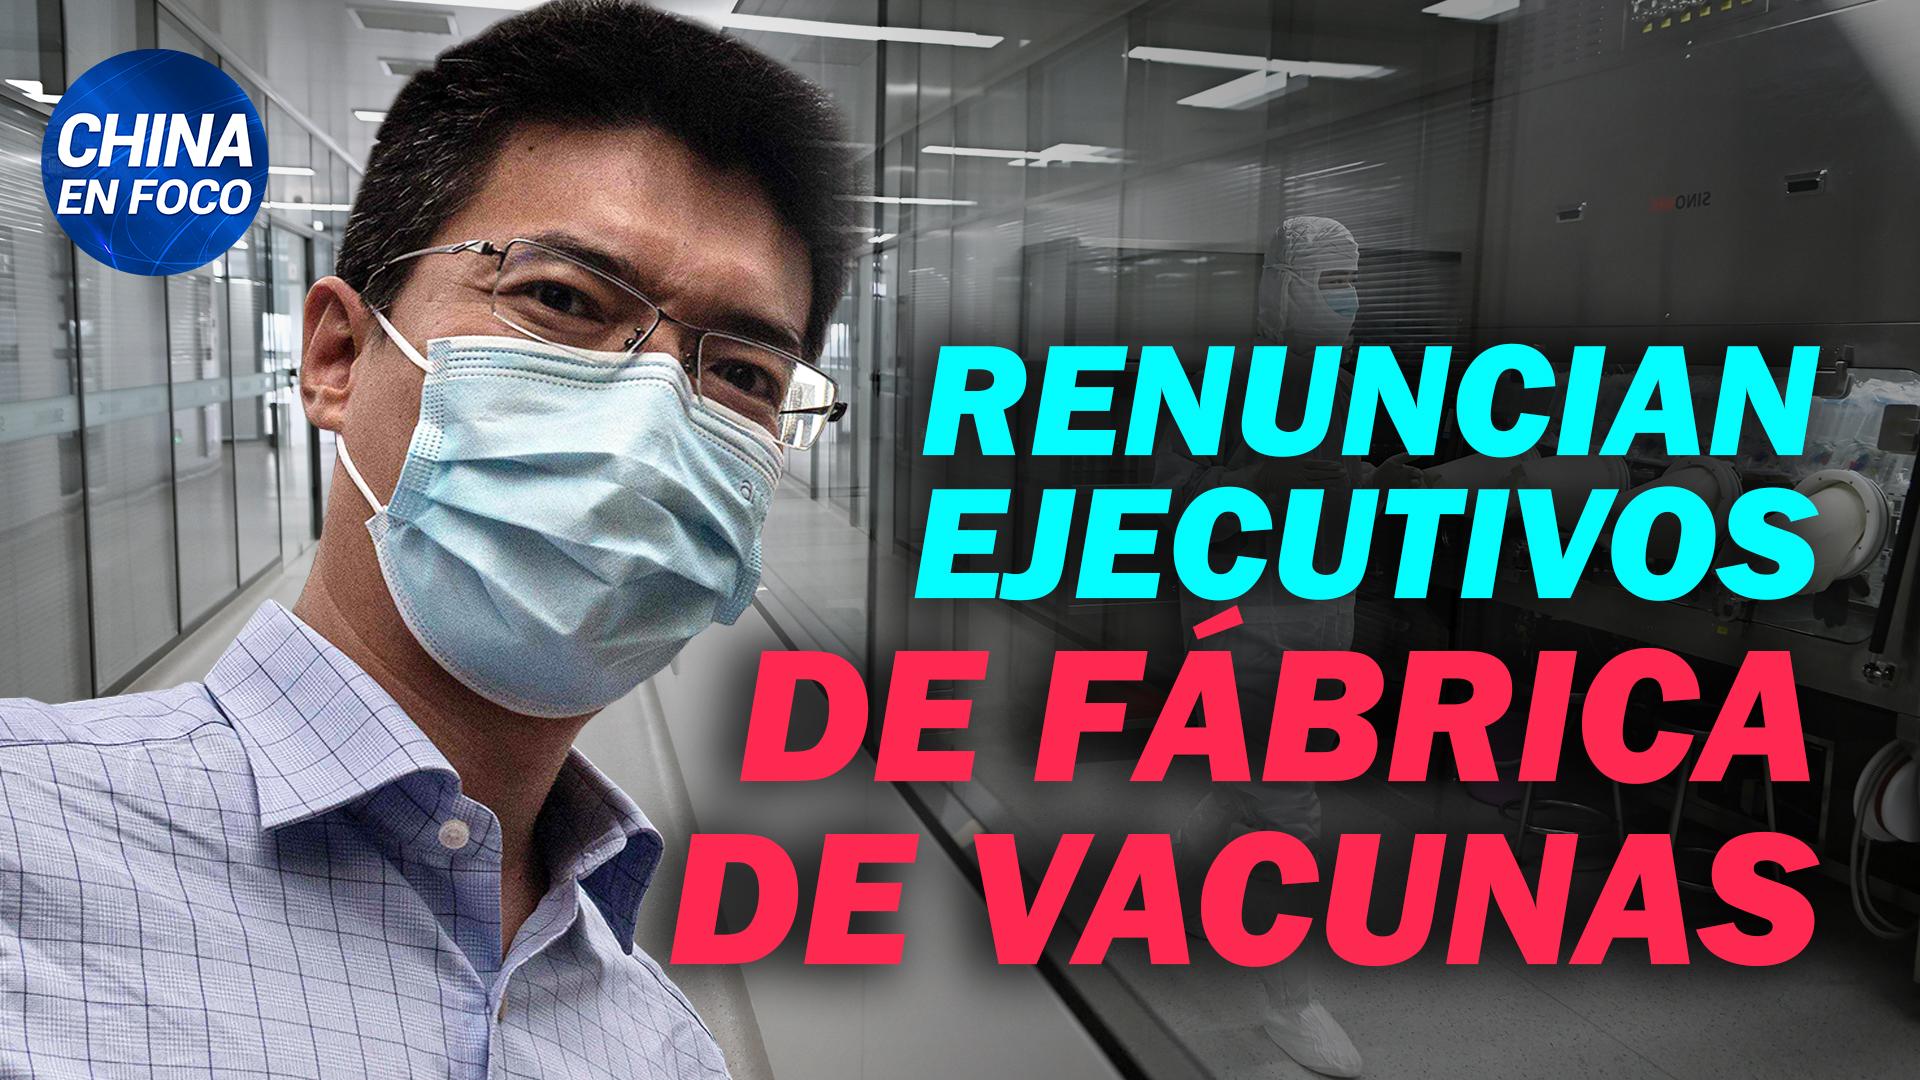 China en Foco: Renuncian altos ejecutivos de fábrica de vacunas chinas. Youtuber se arrodilla ante China